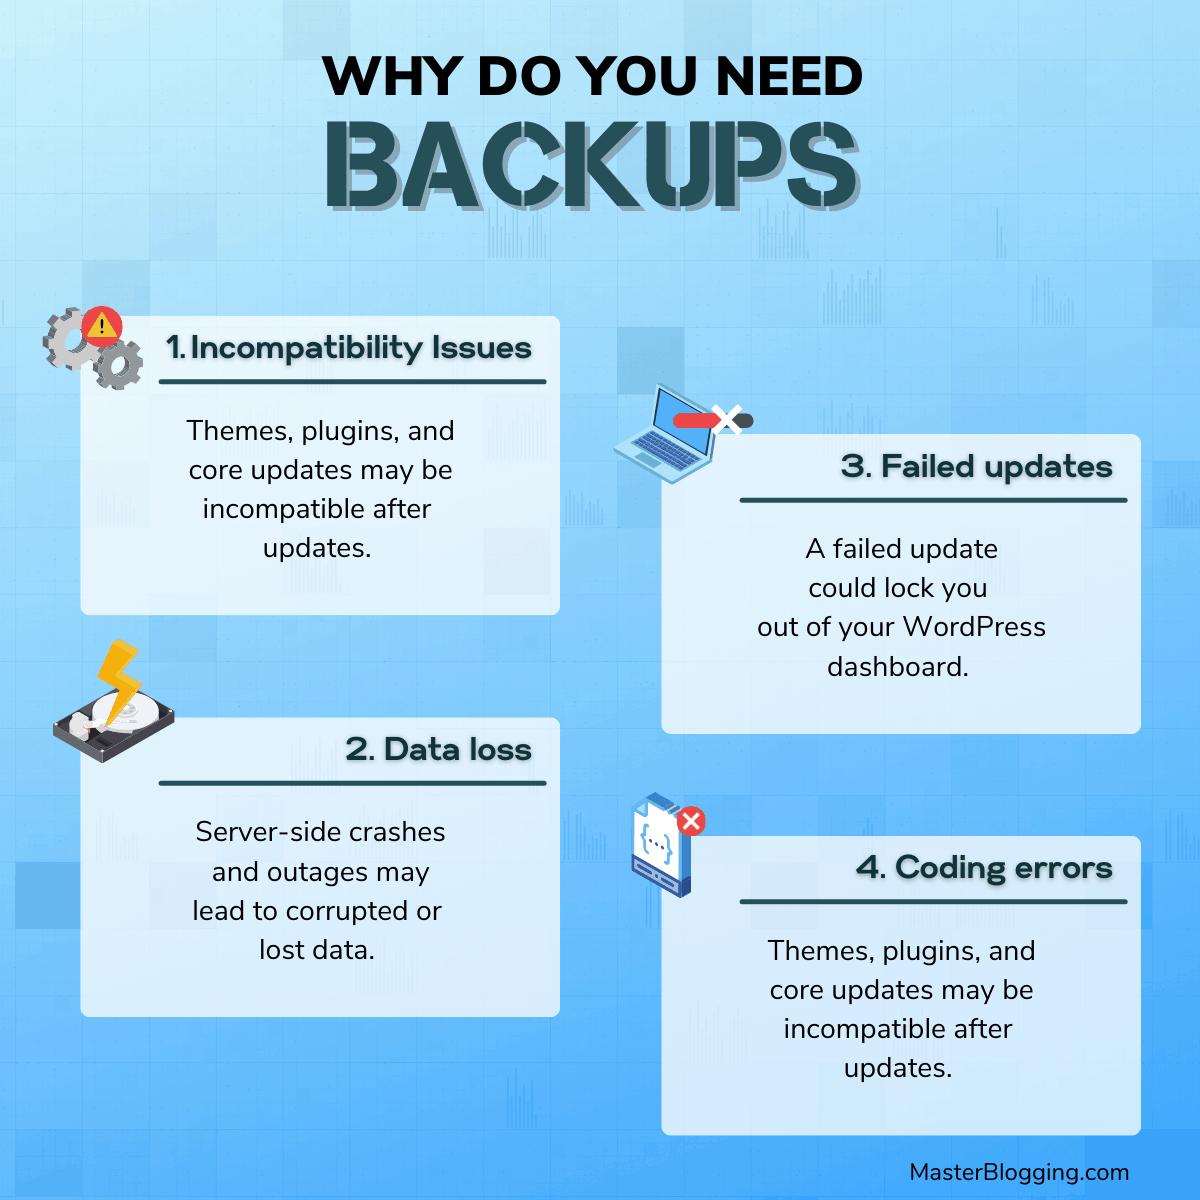 Why You Need Backups